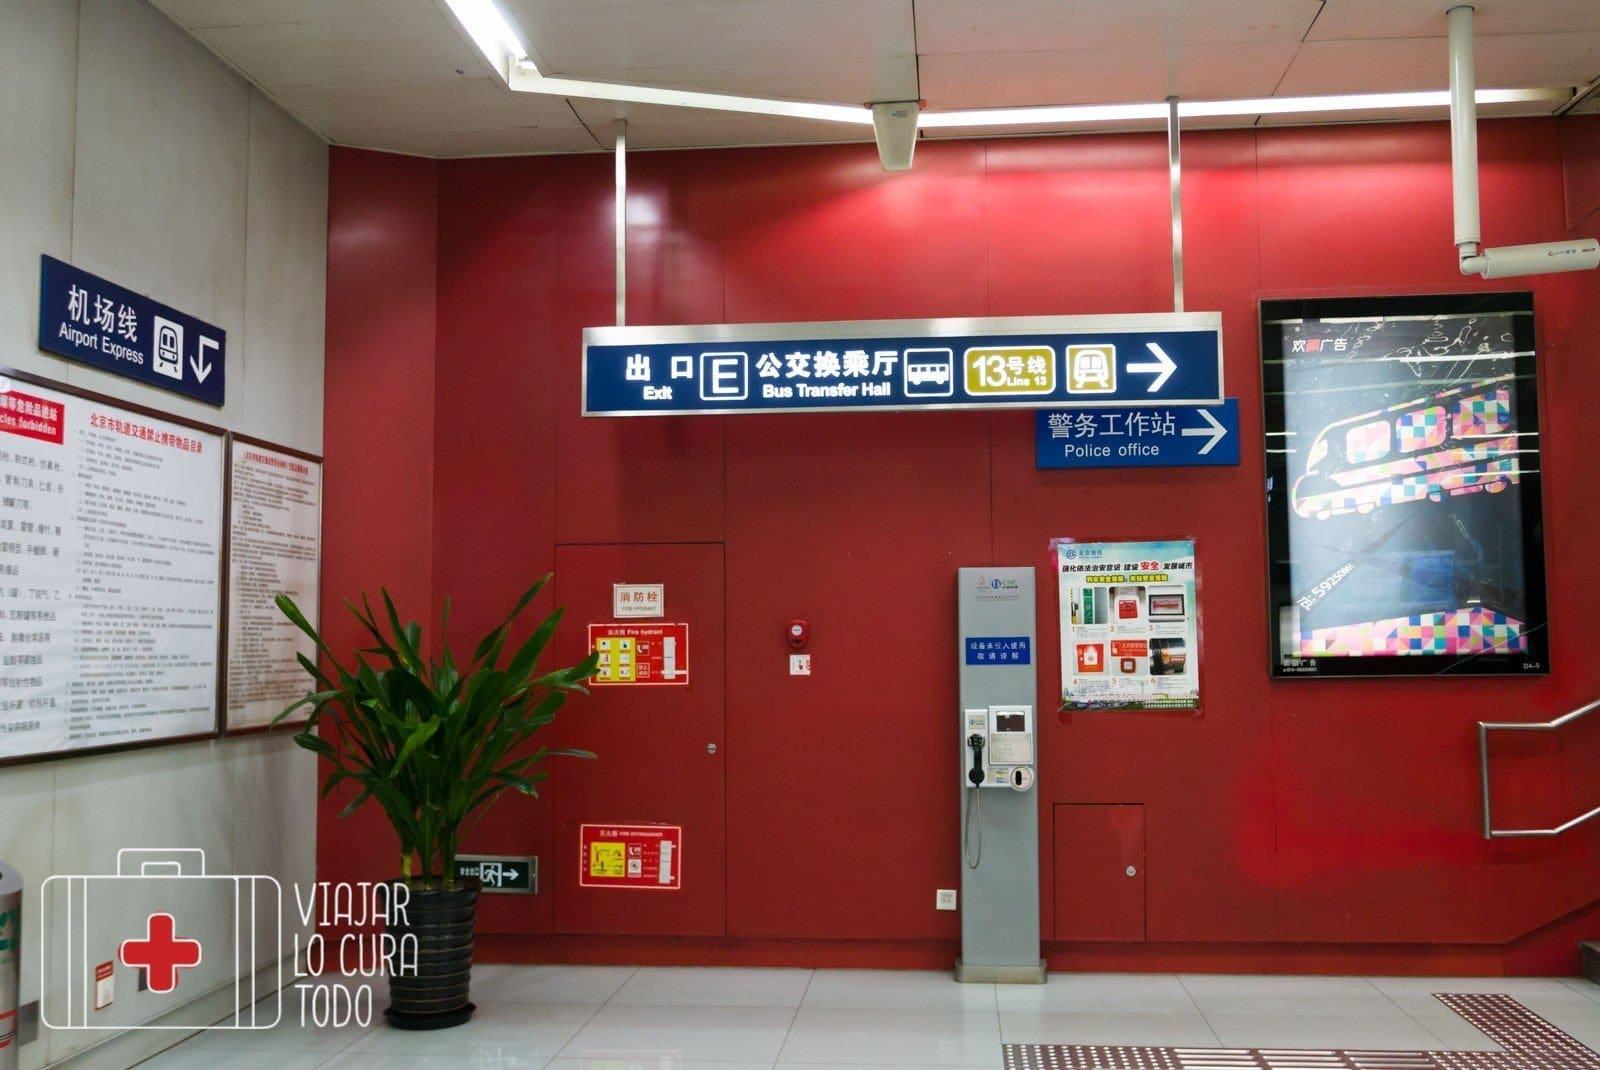 Estación de Dongzhimen, dónde se llega desde el aeropuerto